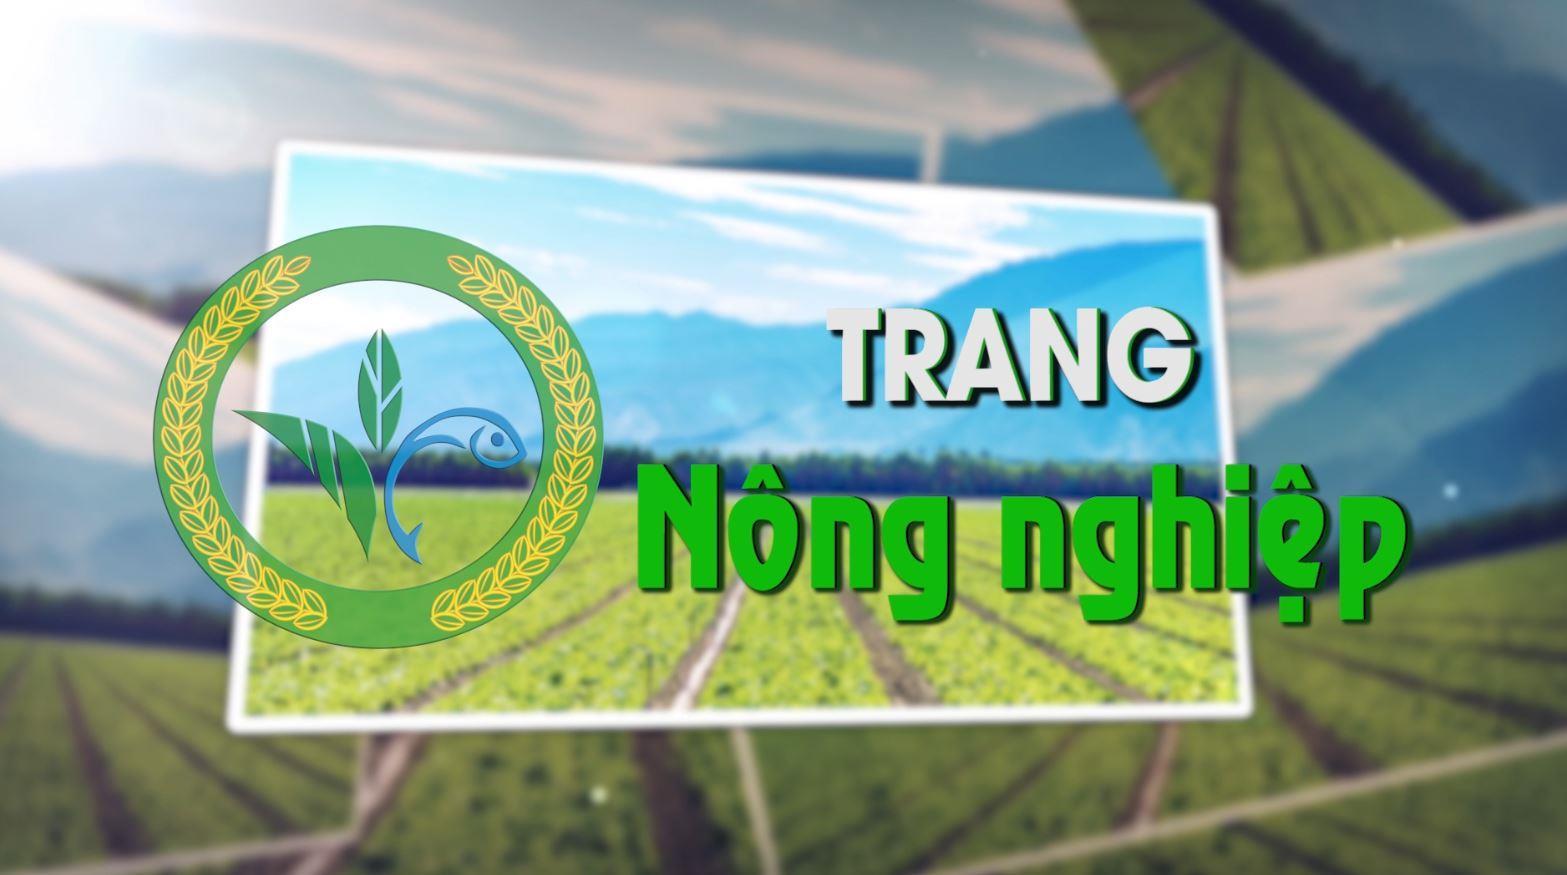 Trang nông nghiệp (28-1-2020)